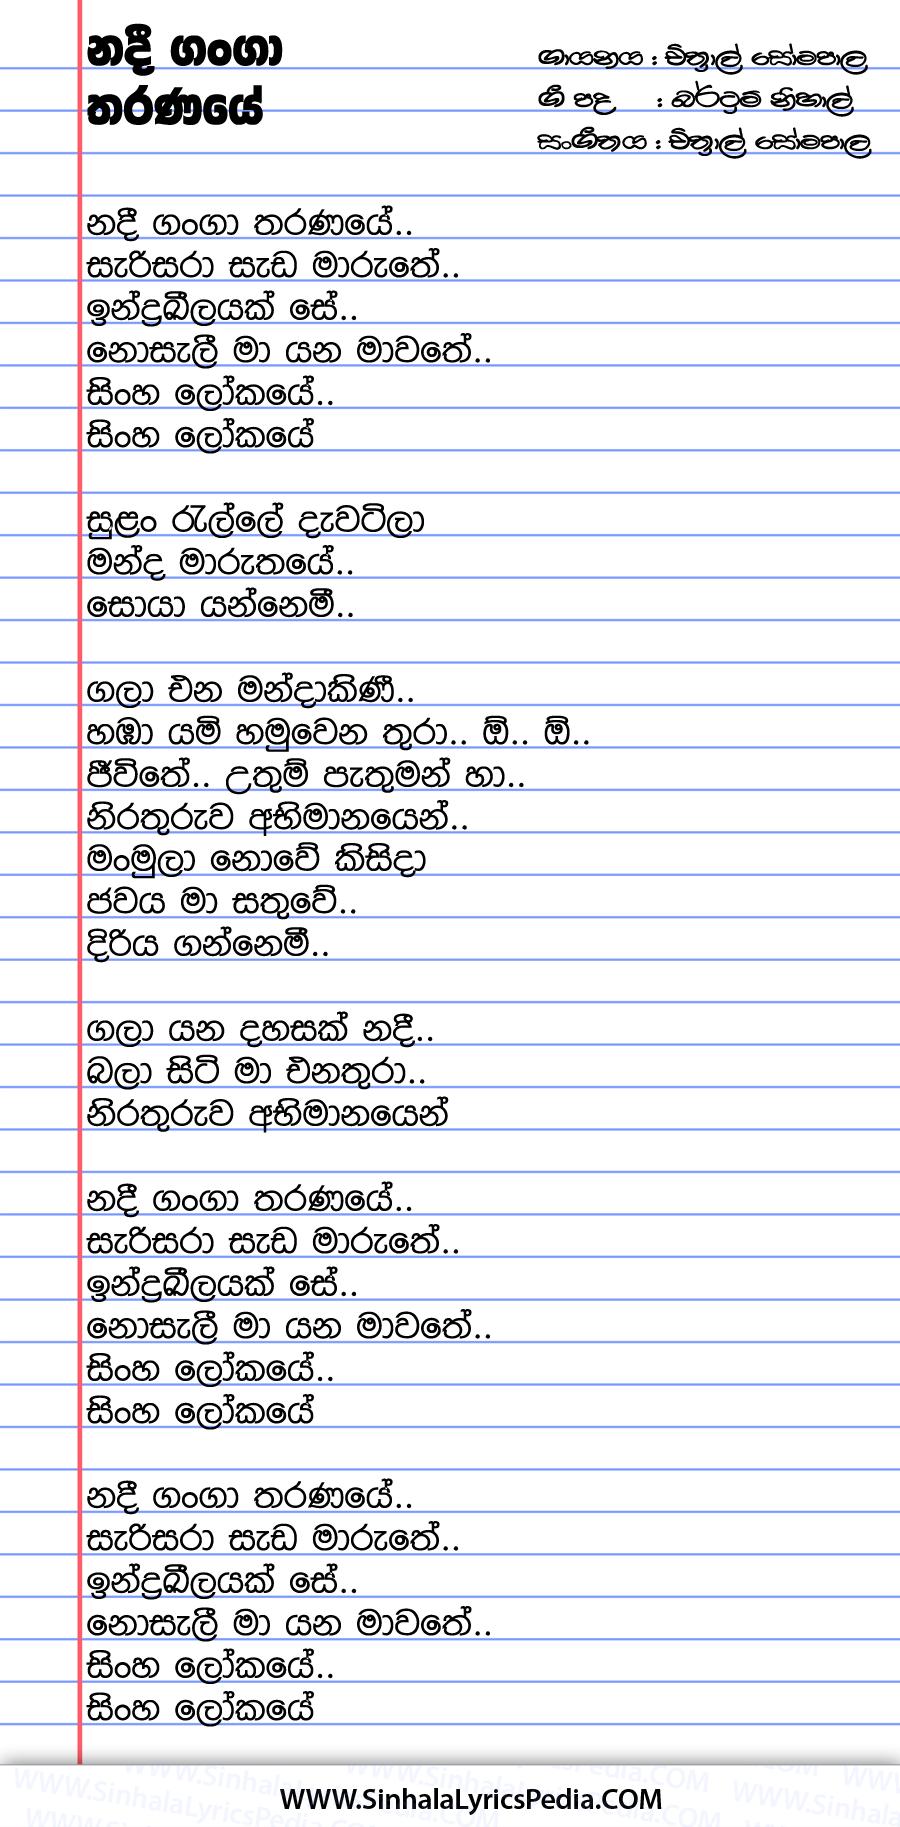 Nadee Ganga Tharanaye Song Lyrics